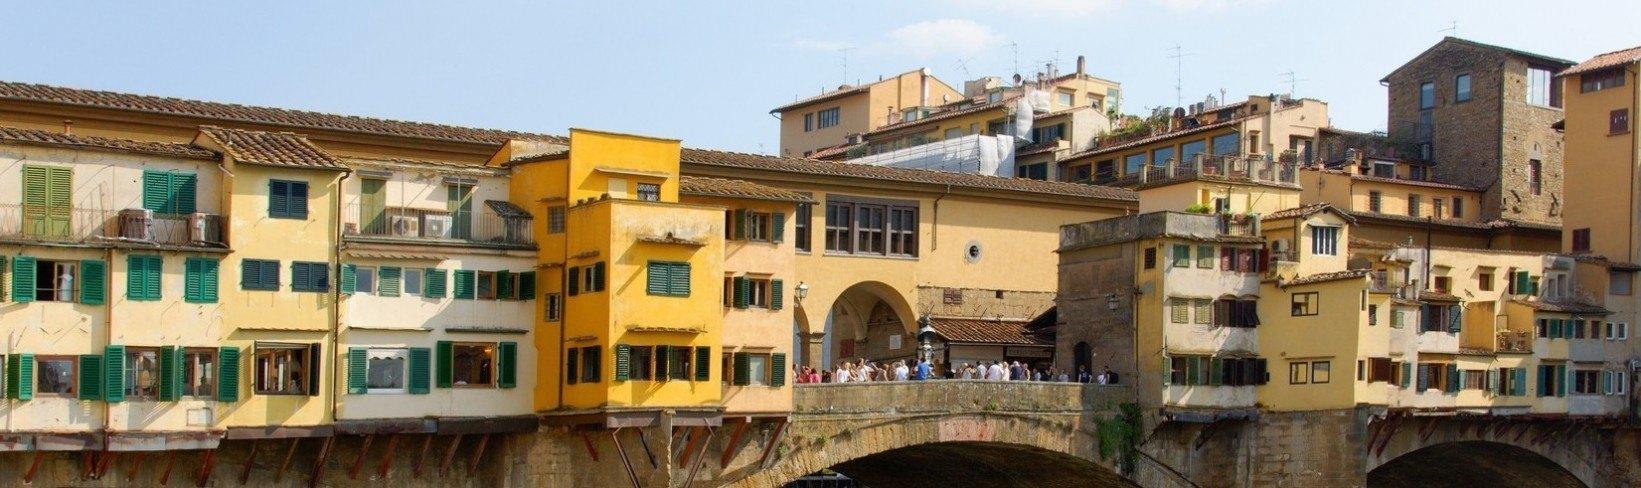 Ponte Vecchio Header Image Firenze Lodging